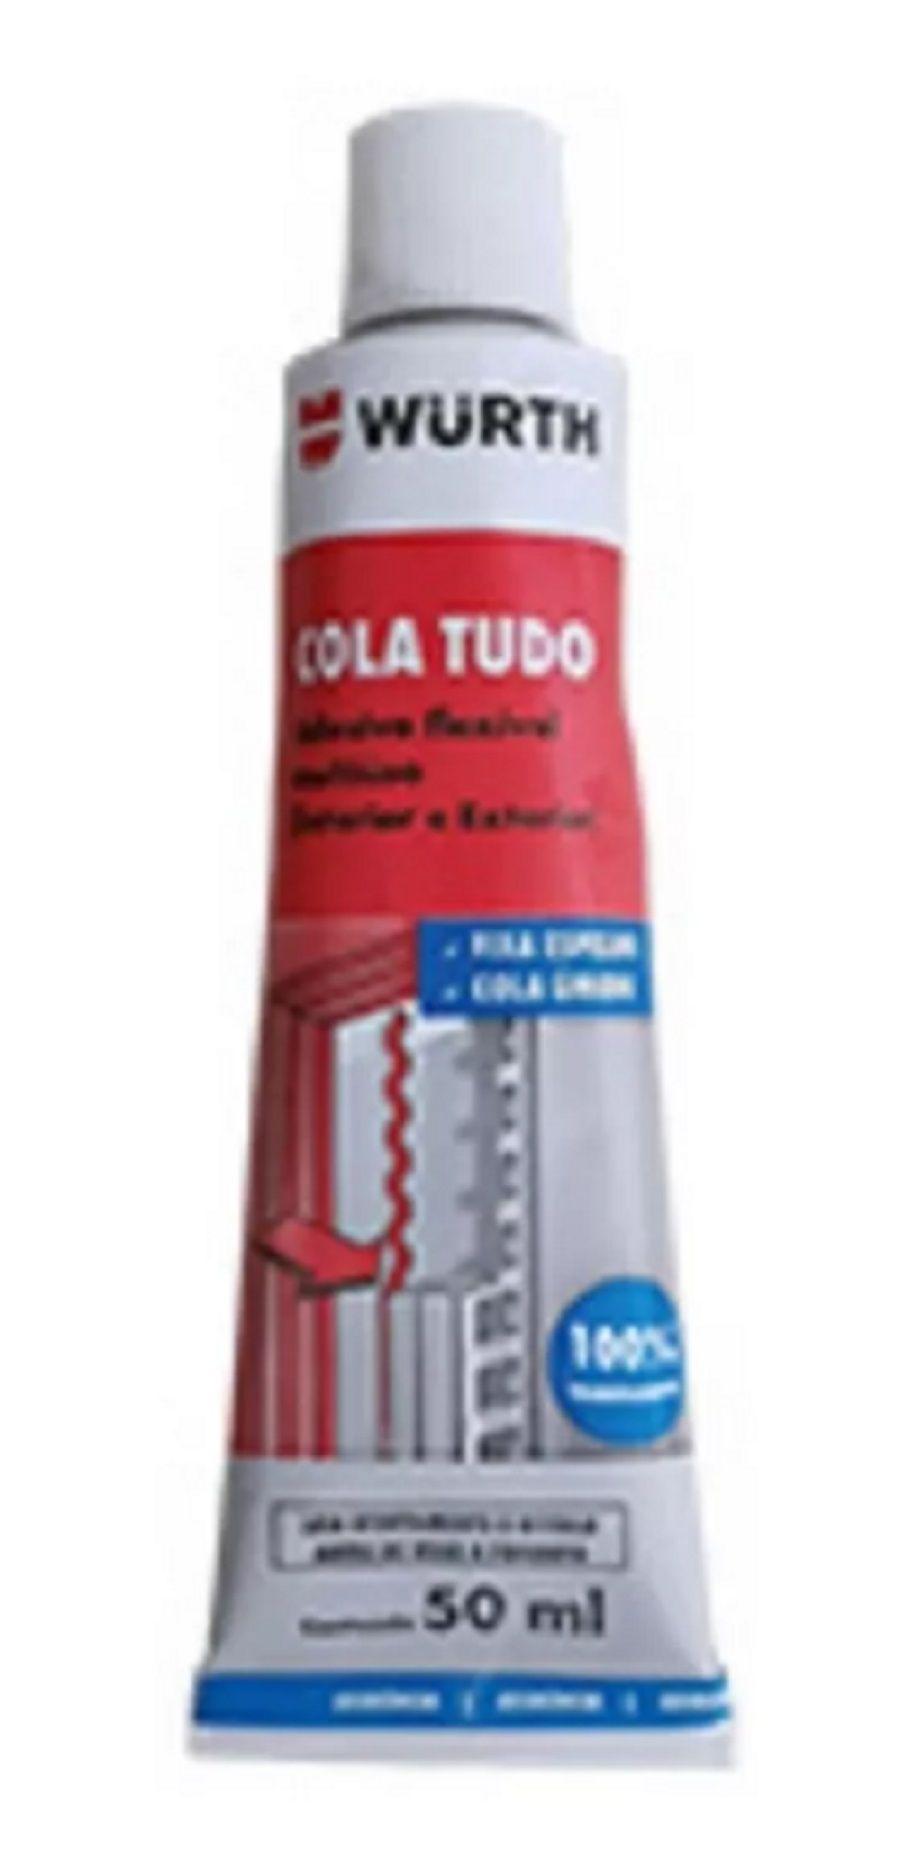 Cola Tudo Painéis Chapas Telhas Azulejo Espelho Louças Wurth 75g